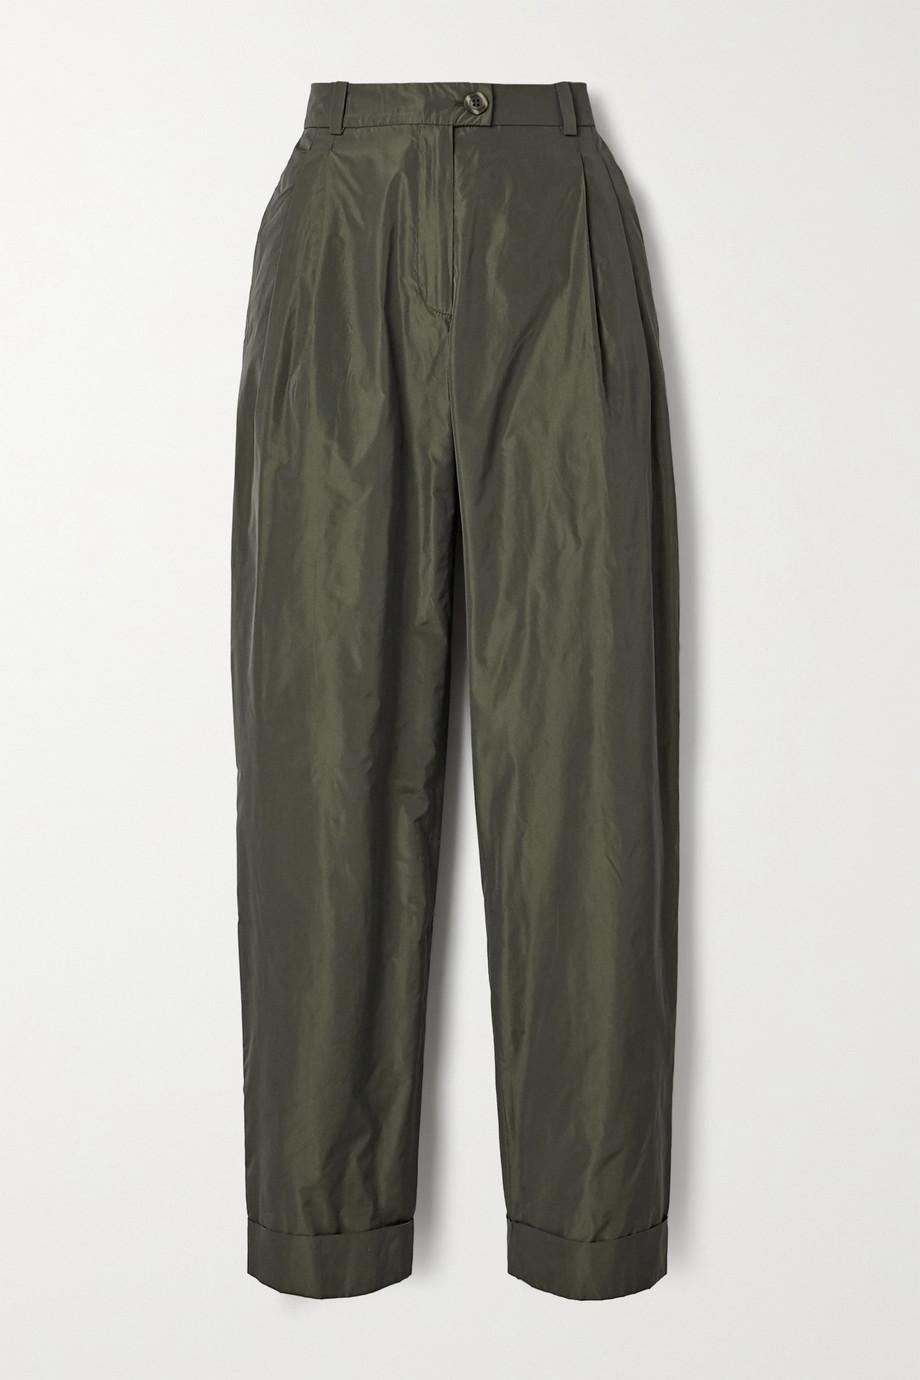 Stine Goya Pantalon fuselé en taffetas à plis Laia